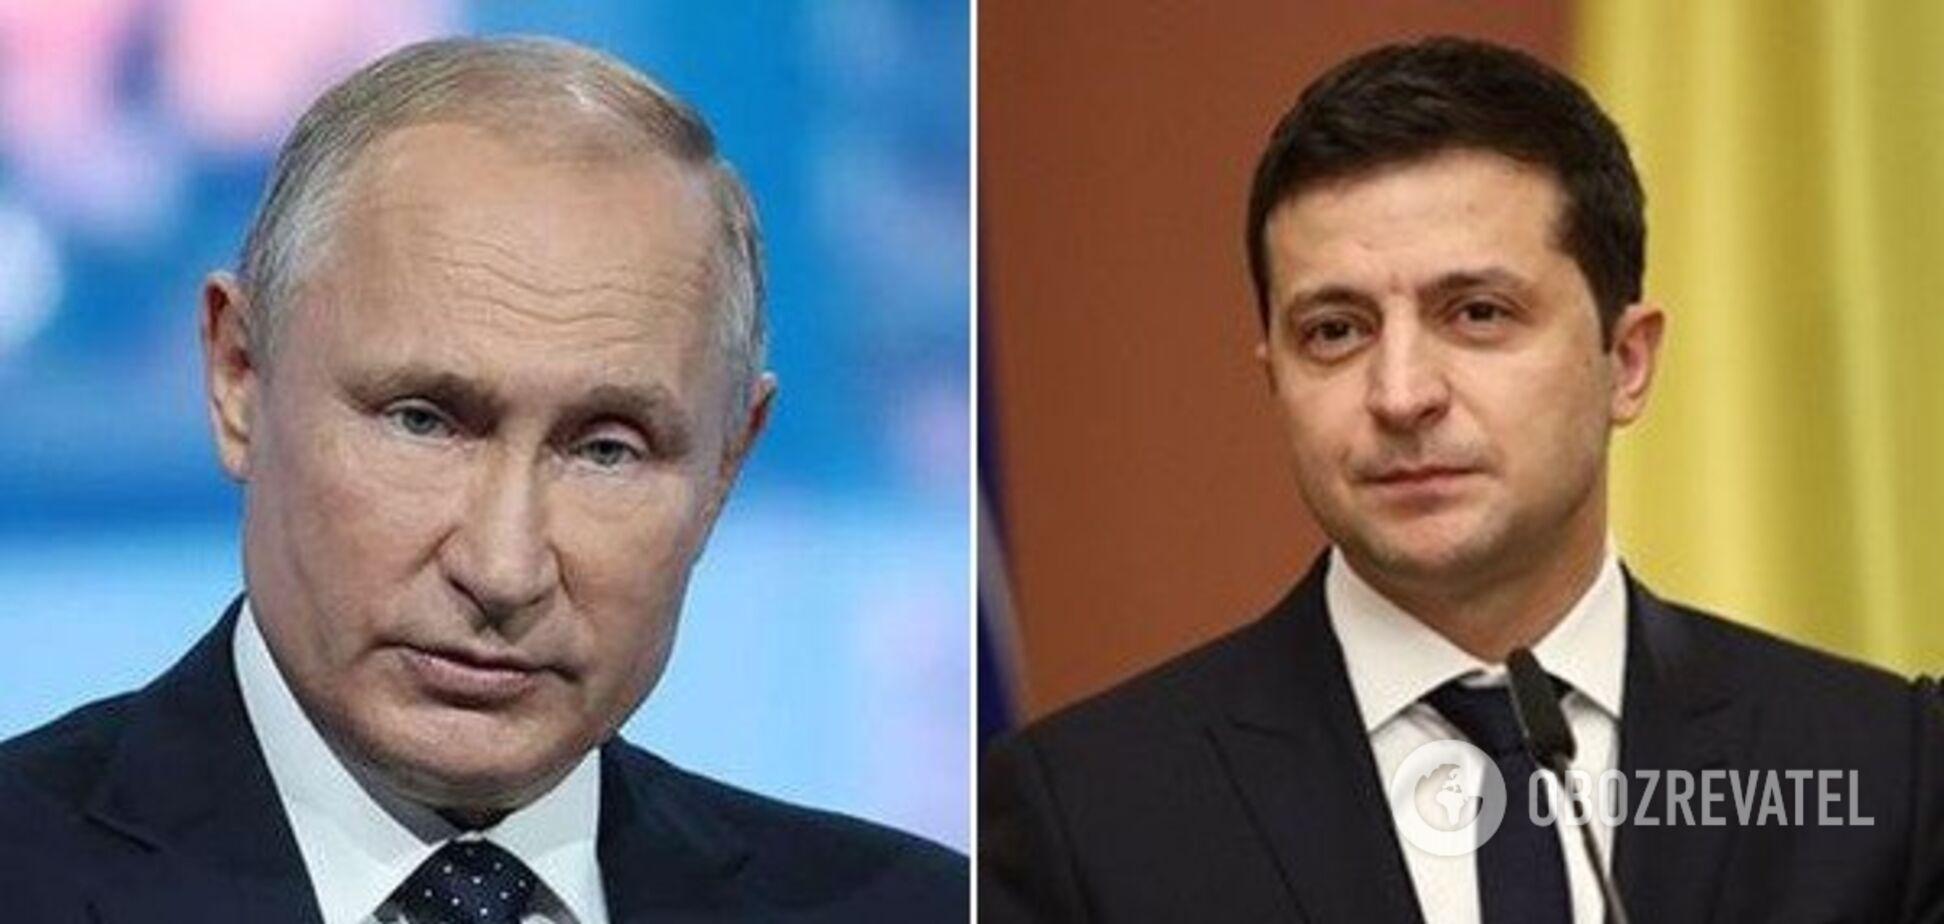 Сможет ли Зеленский закончить войну: международник спрогнозировал результаты встречи с Путиным